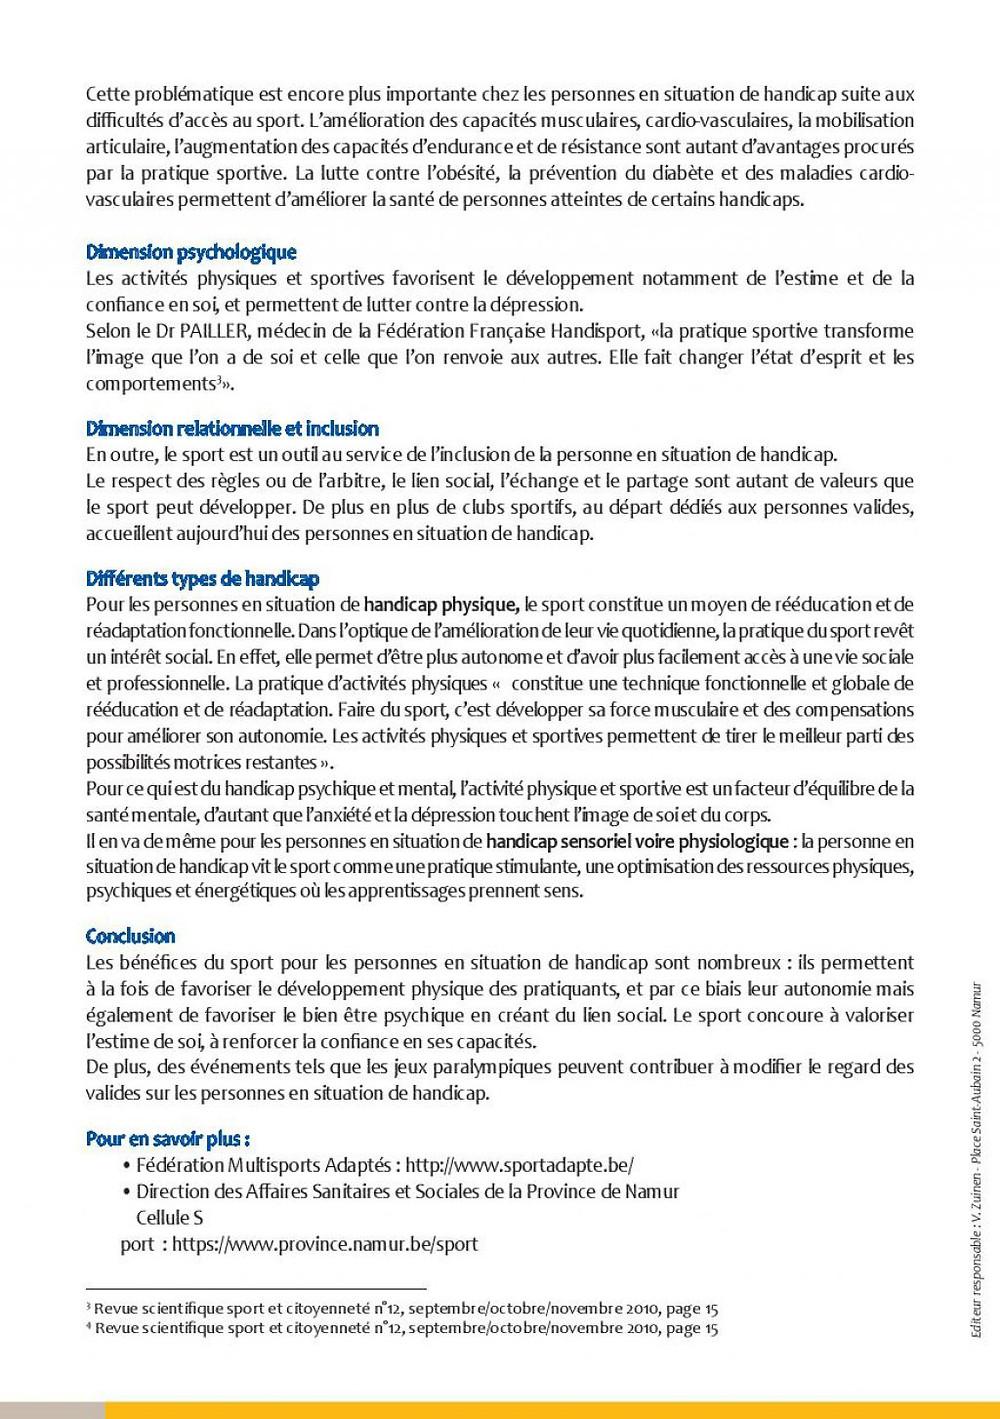 Billet de santé de la Province de Namur